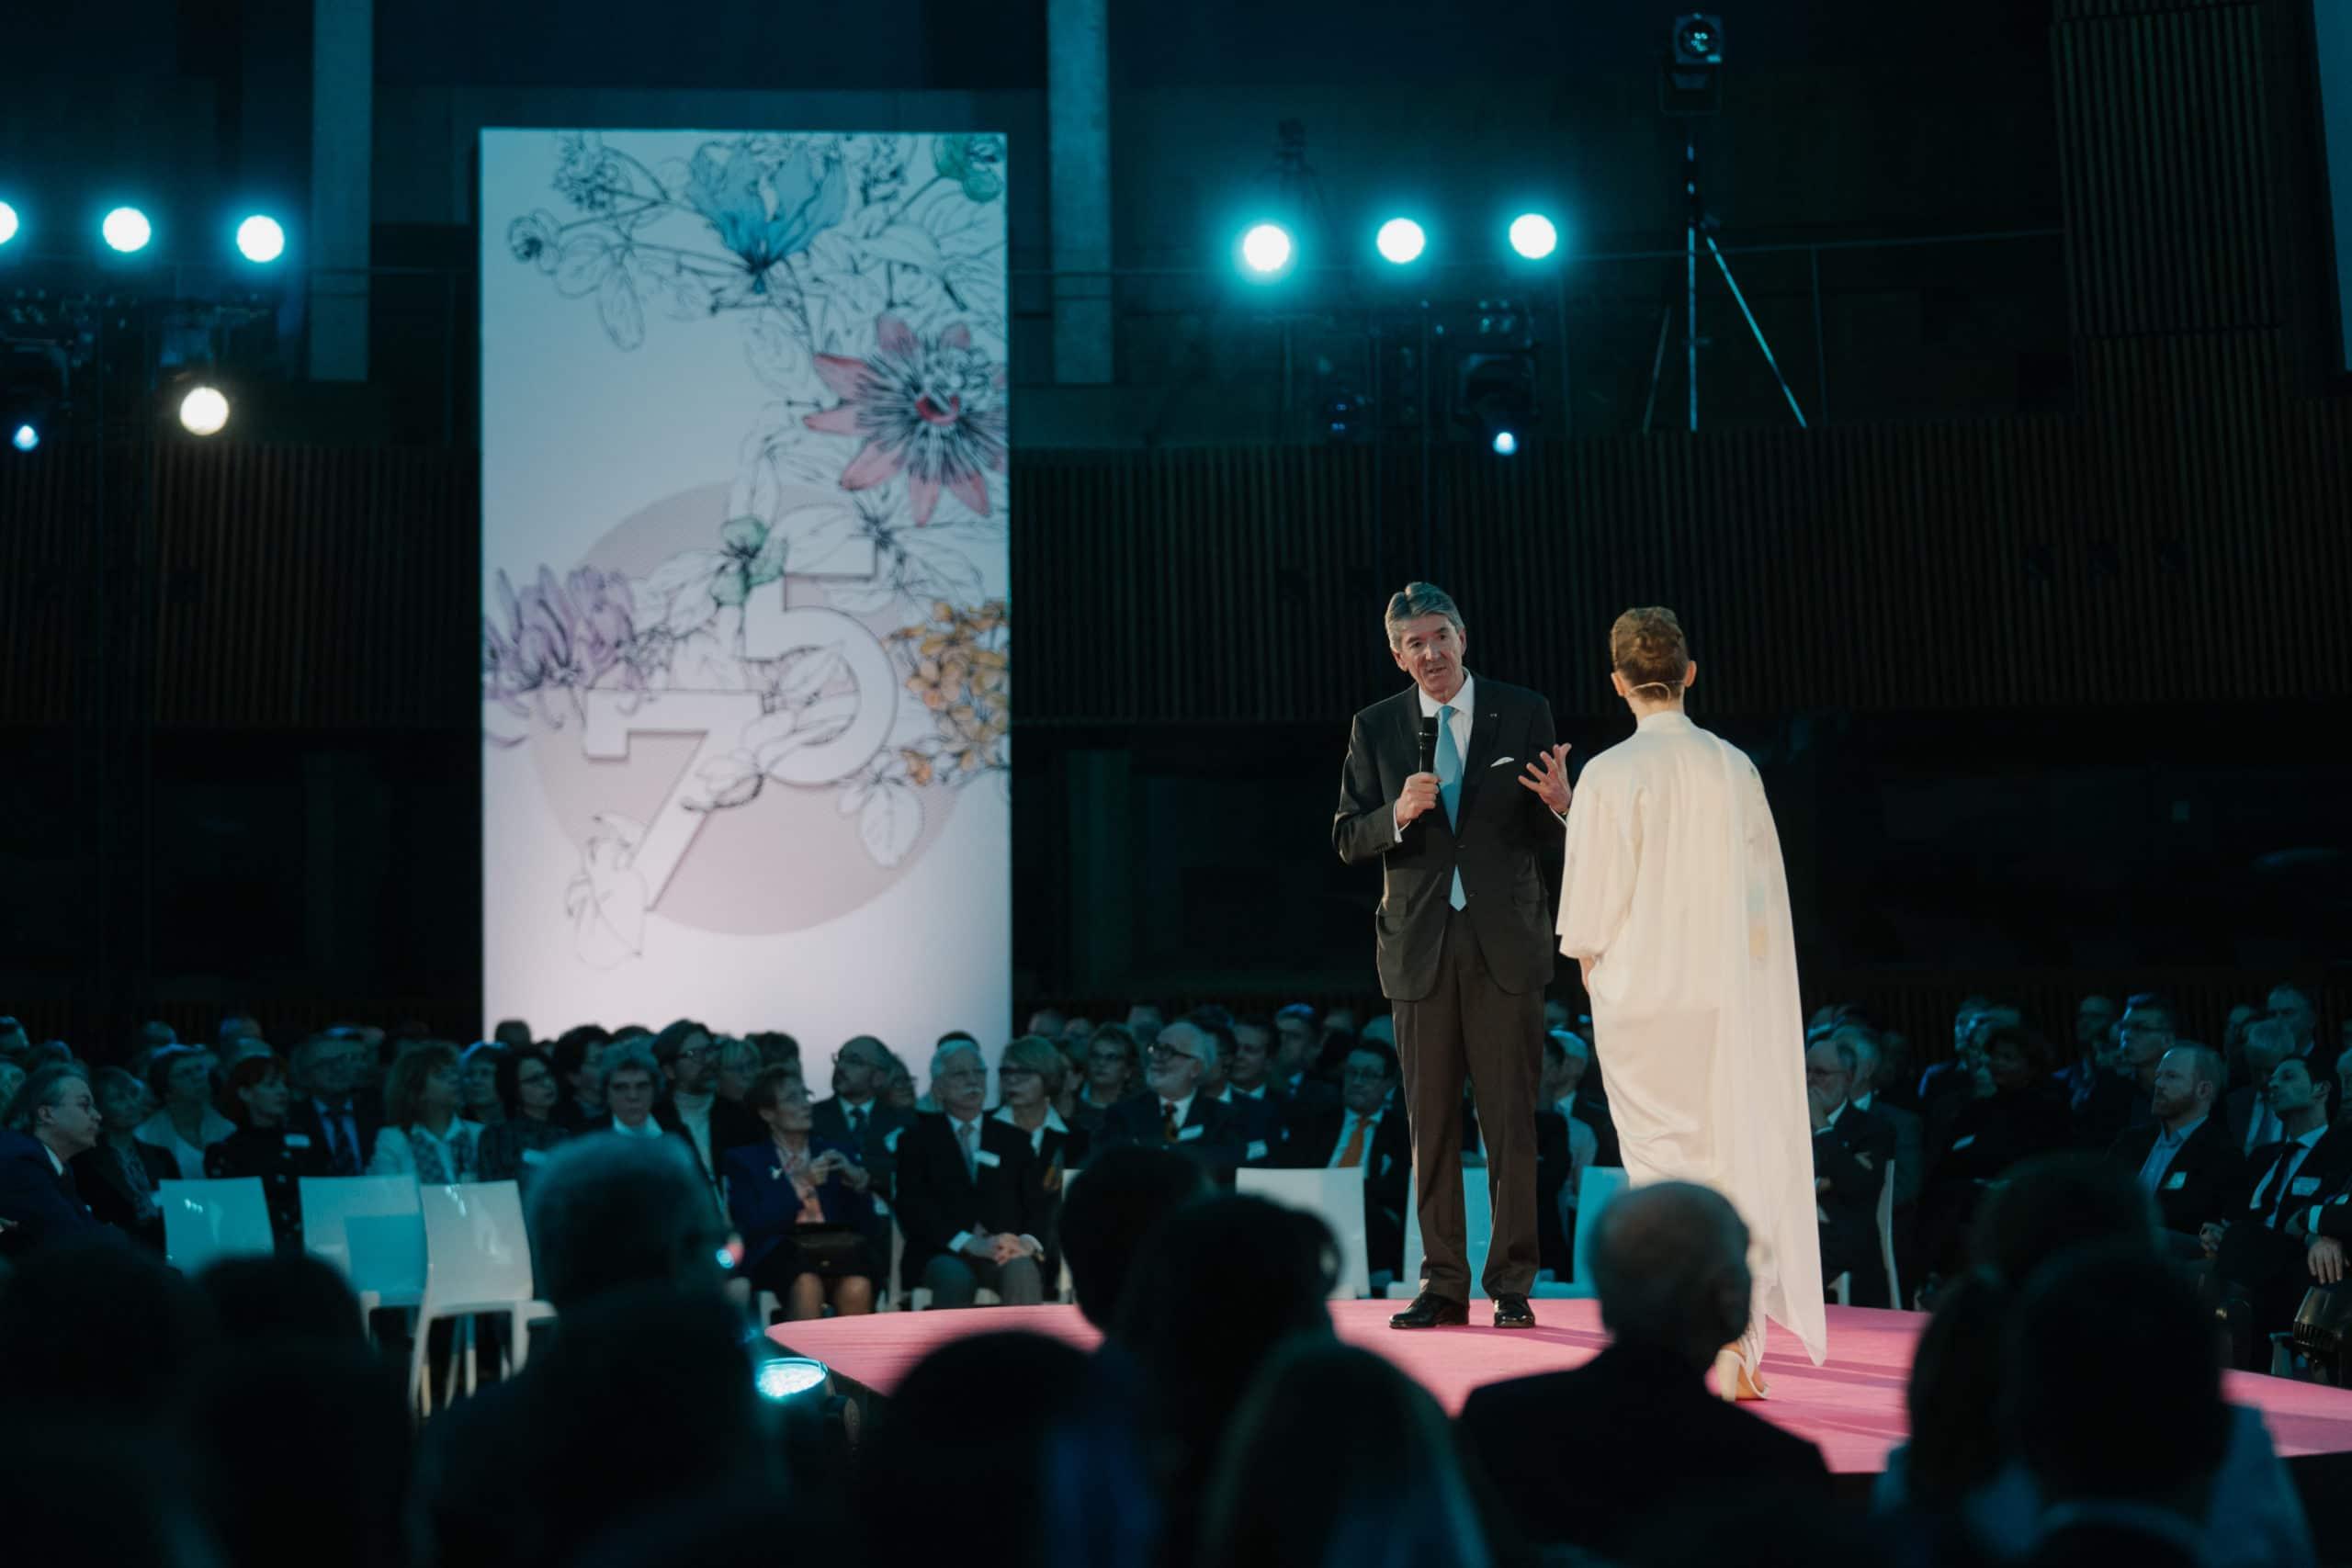 Shine a light agence évènementielle luxembourg - créateur d'expériences immersives - 75ème anniversaire de l'oeuvre Nationale de Secours Grande Duchesse Charlotte